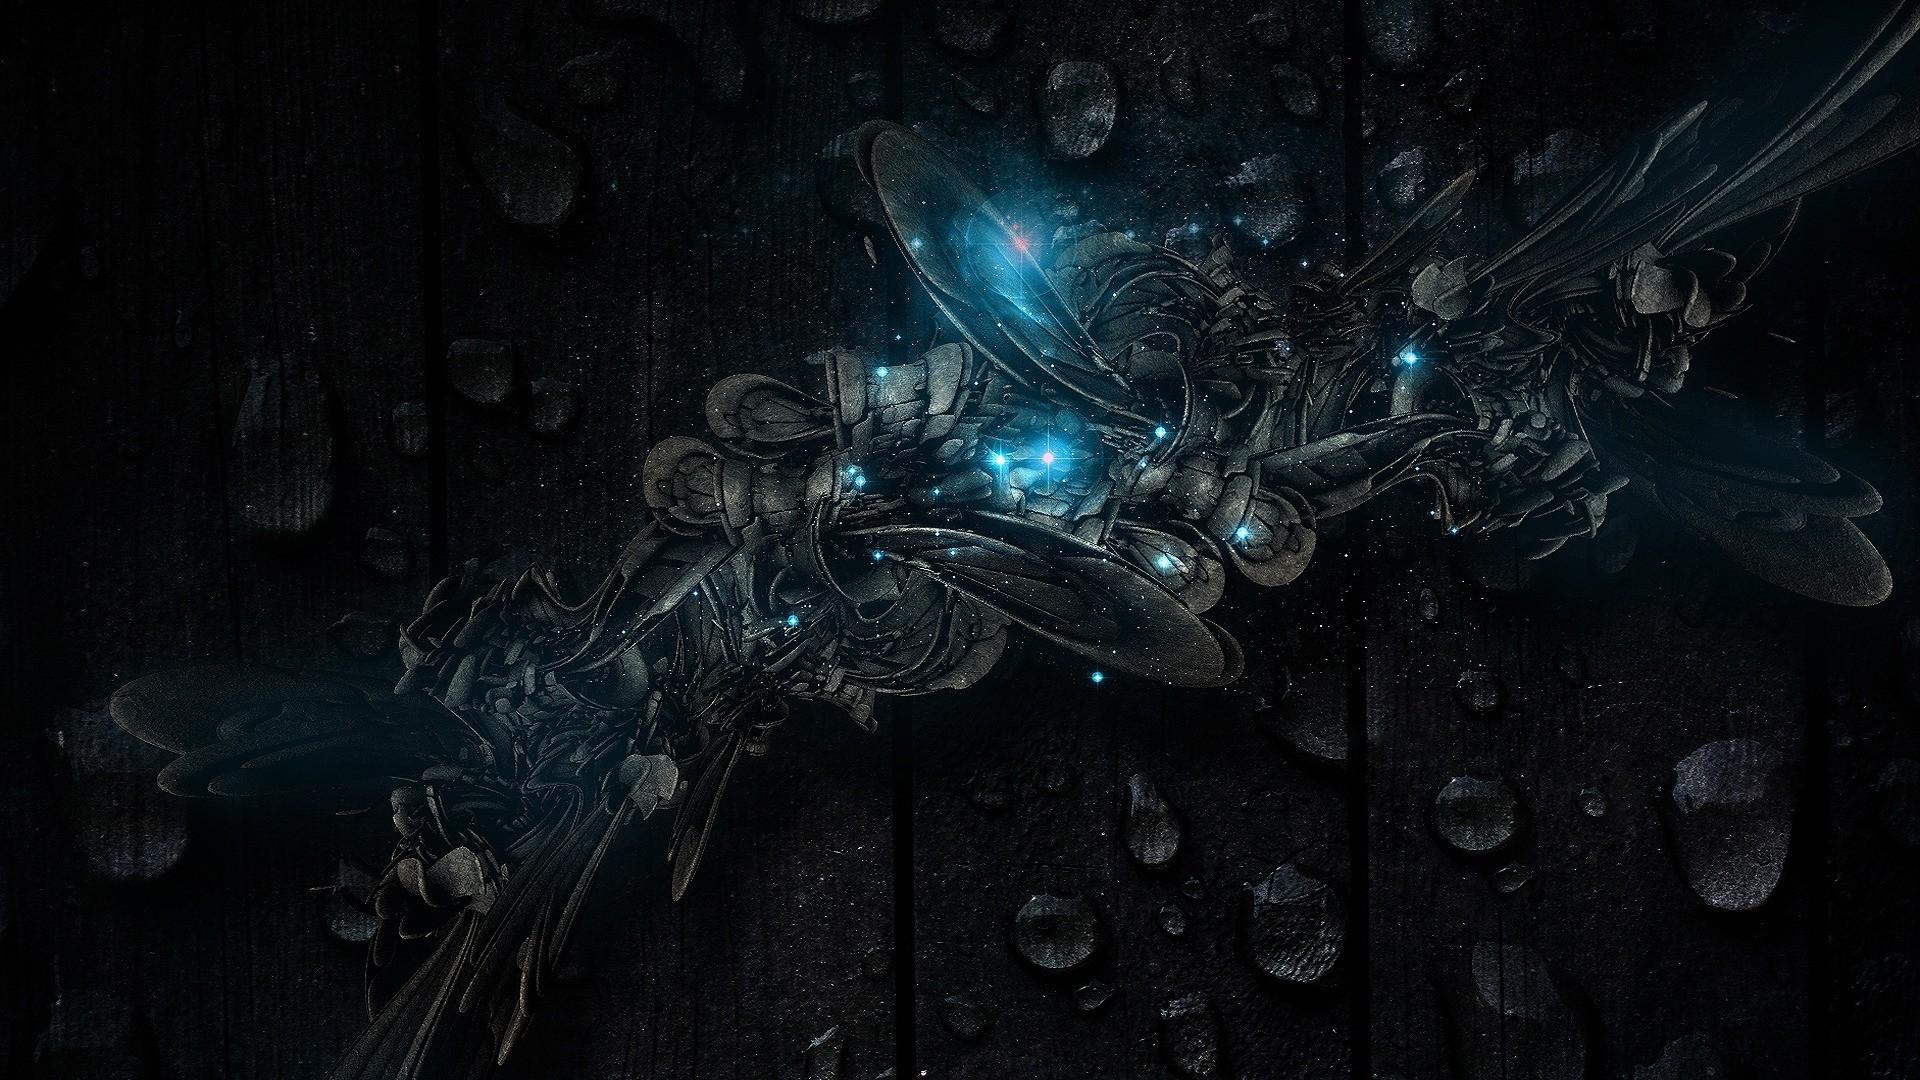 Amazing Digitalna tamna umjetnost Wallpaper HD Pozadine